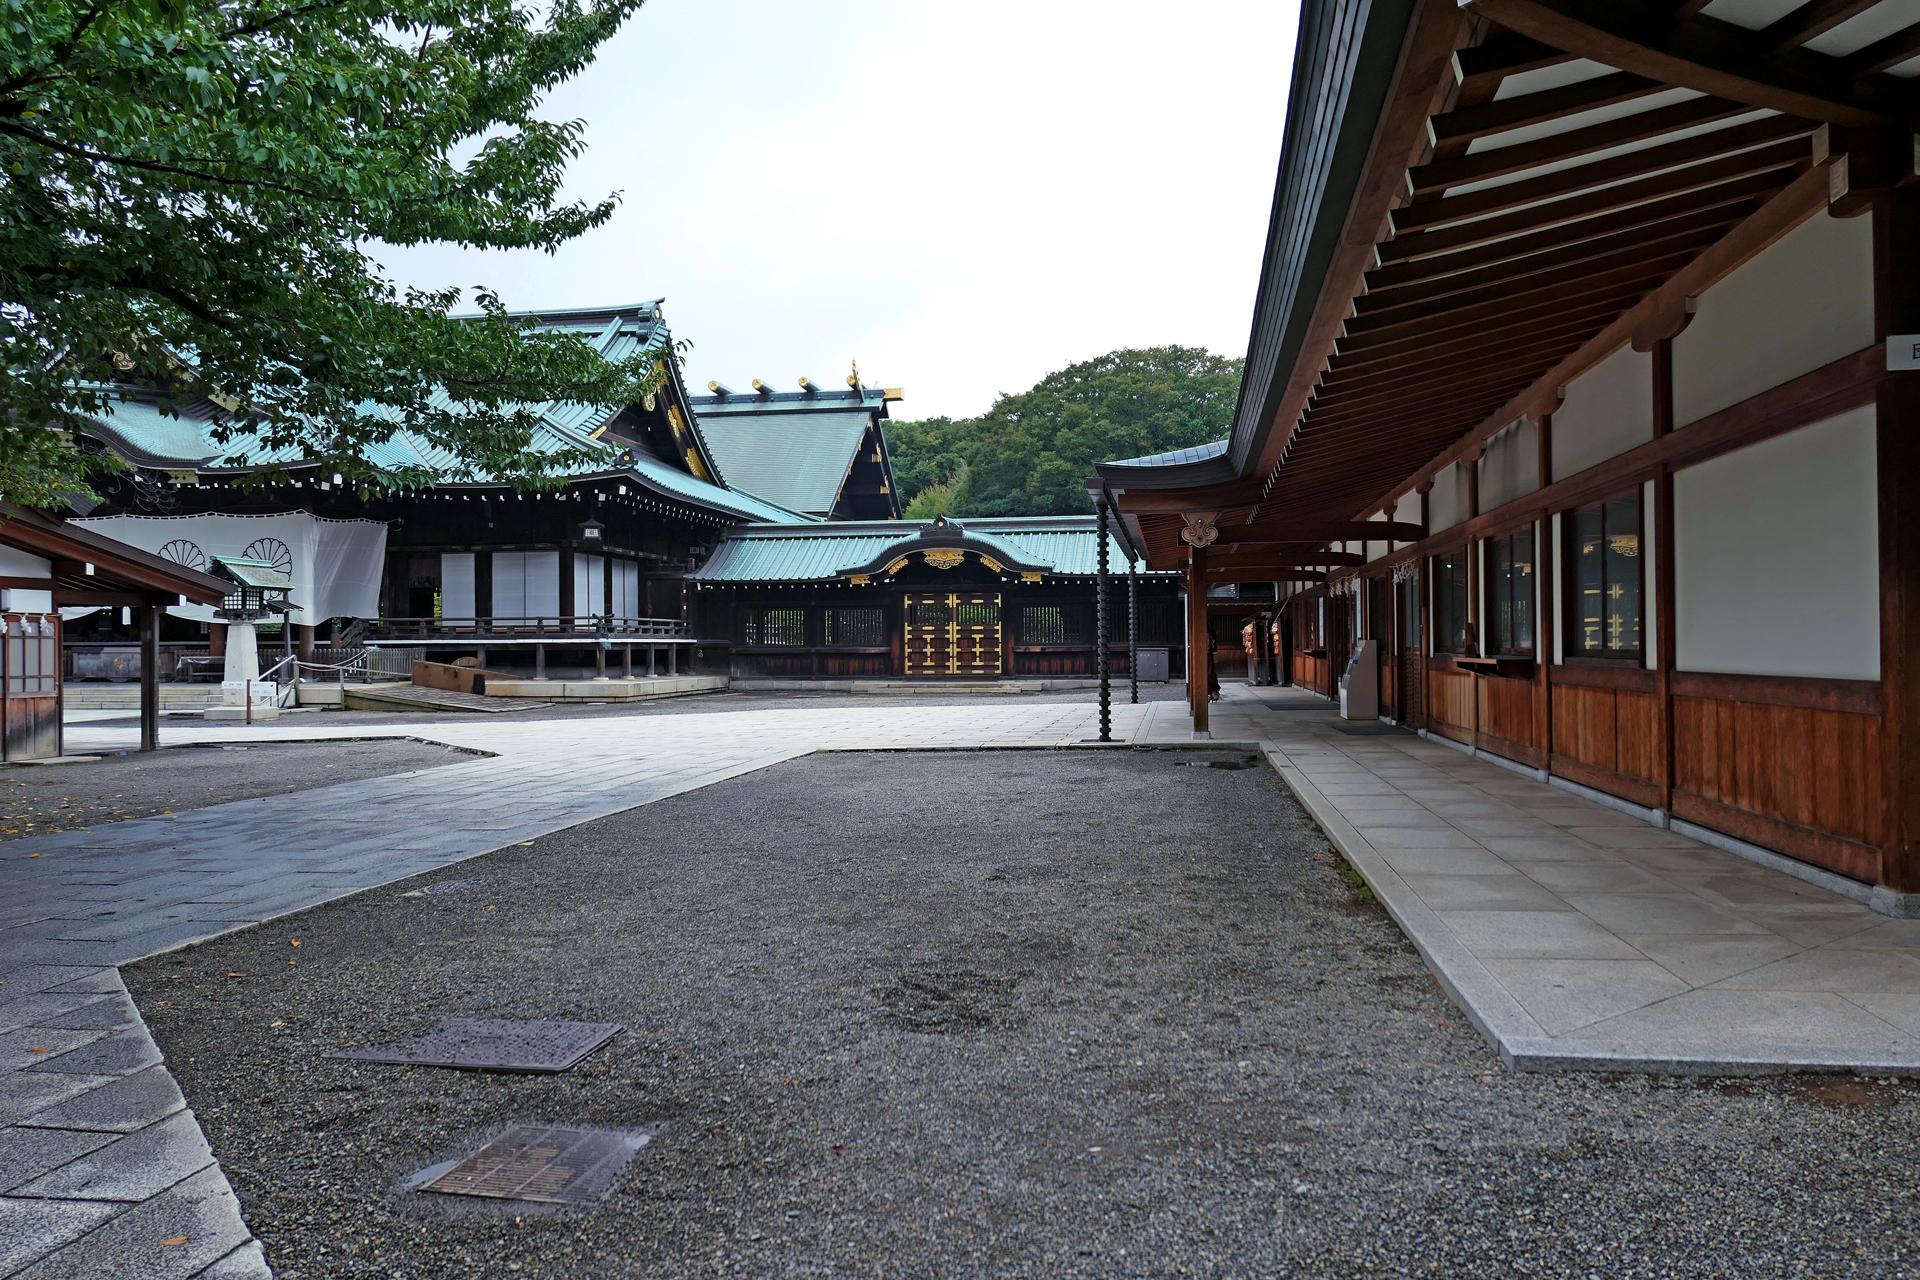 Hatchōbori Station to Nakano Station - Yasukuni Shrine